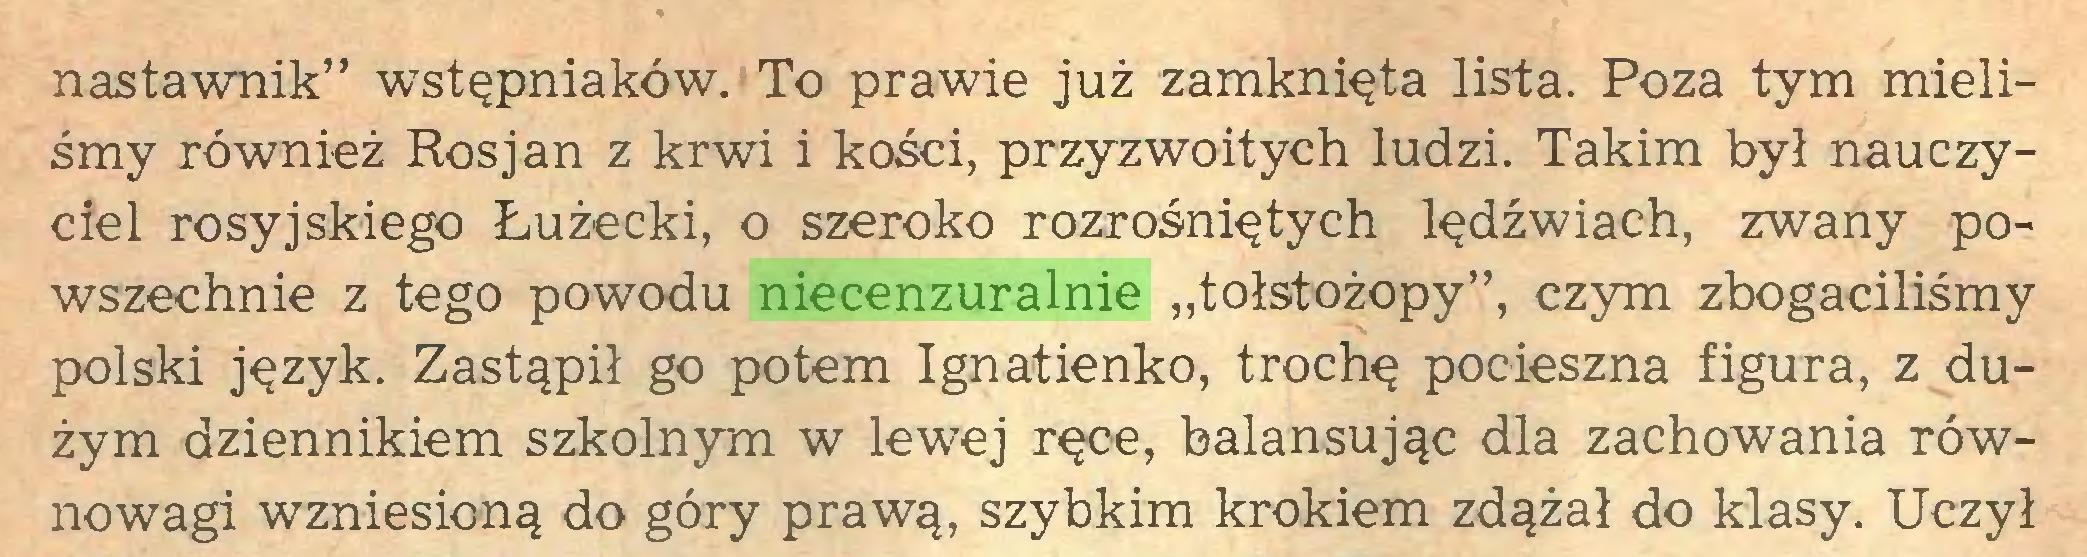 """(...) nastawnik"""" wstępniaków. To prawie już zamknięta lista. Poza tym mieliśmy również Rosjan z krwi i kości, przyzwoitych ludzi. Takim był nauczyciel rosyjskiego Łużecki, o szeroko rozrośniętych lędźwiach, zwany powszechnie z tego powodu niecenzuralnie """"tołstożopy"""", czym zbogaciliśmy polski język. Zastąpił go potem Ignatienko, trochę pocieszna figura, z dużym dziennikiem szkolnym w lewej ręce, balansując dla zachowania równowagi wzniesioną do góry prawą, szybkim krokiem zdążał do klasy. Uczył..."""